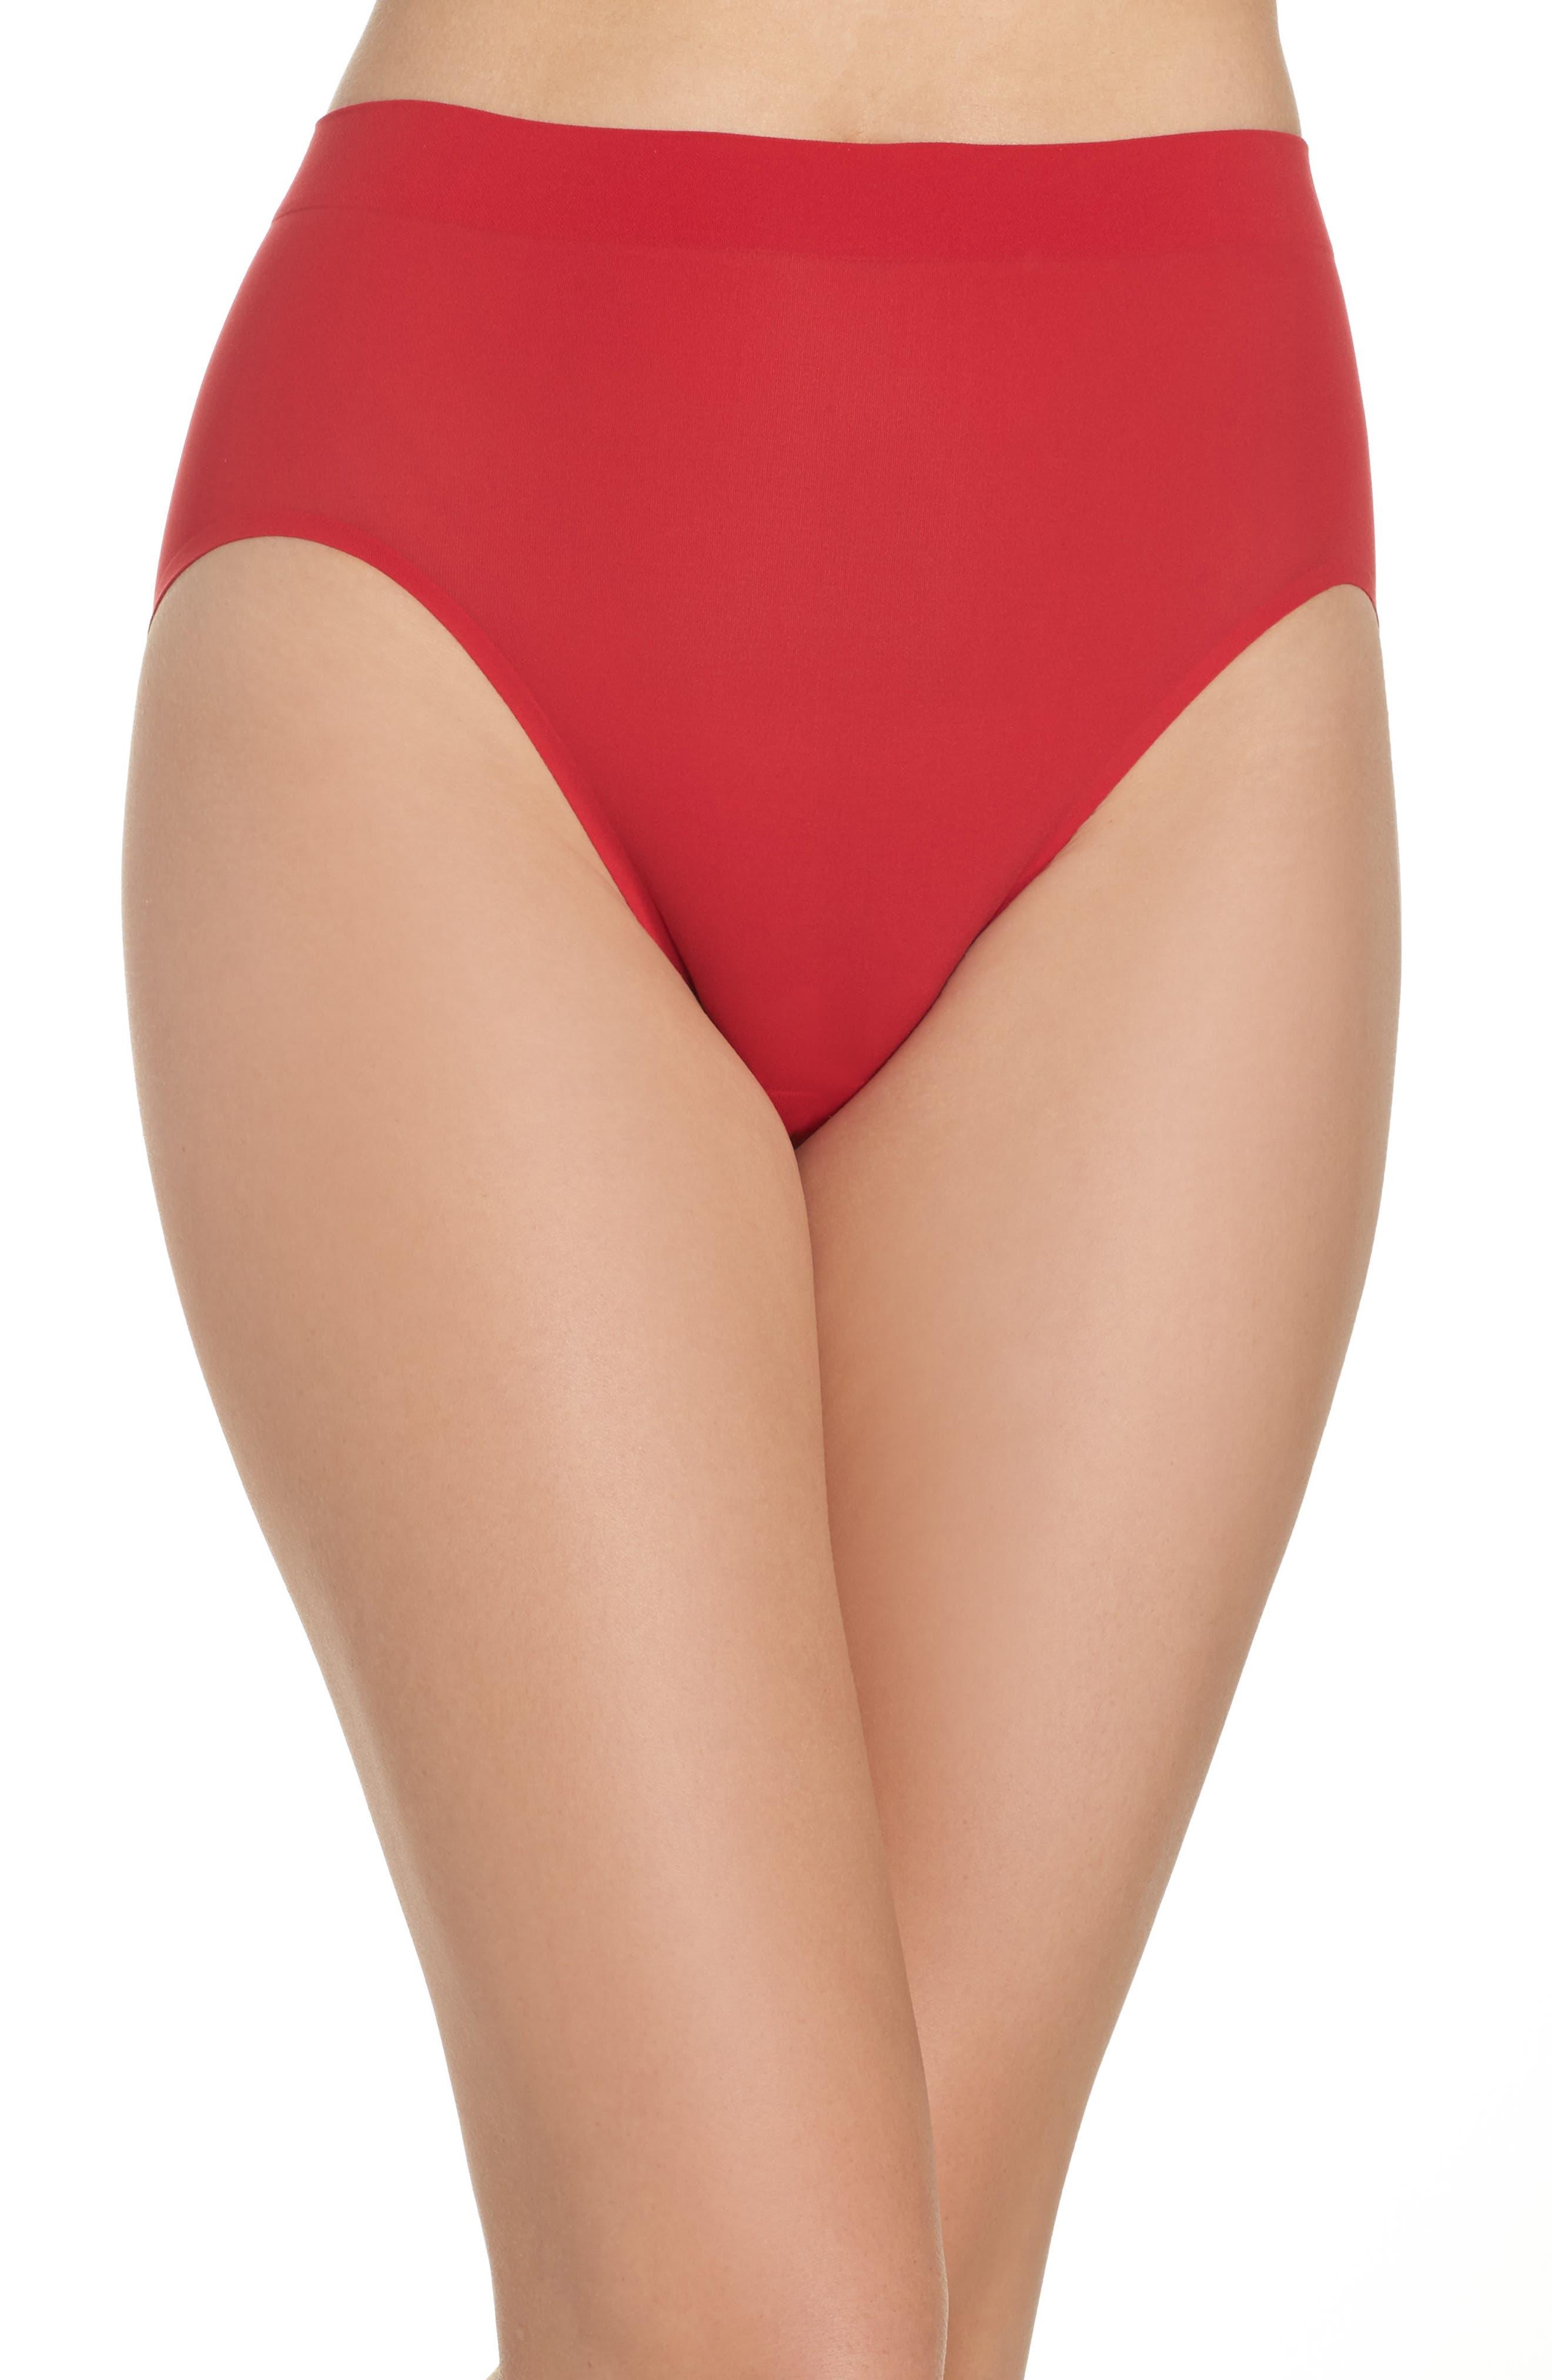 'Skinsense' Seamless High Cut Briefs,                         Main,                         color, Tango Red